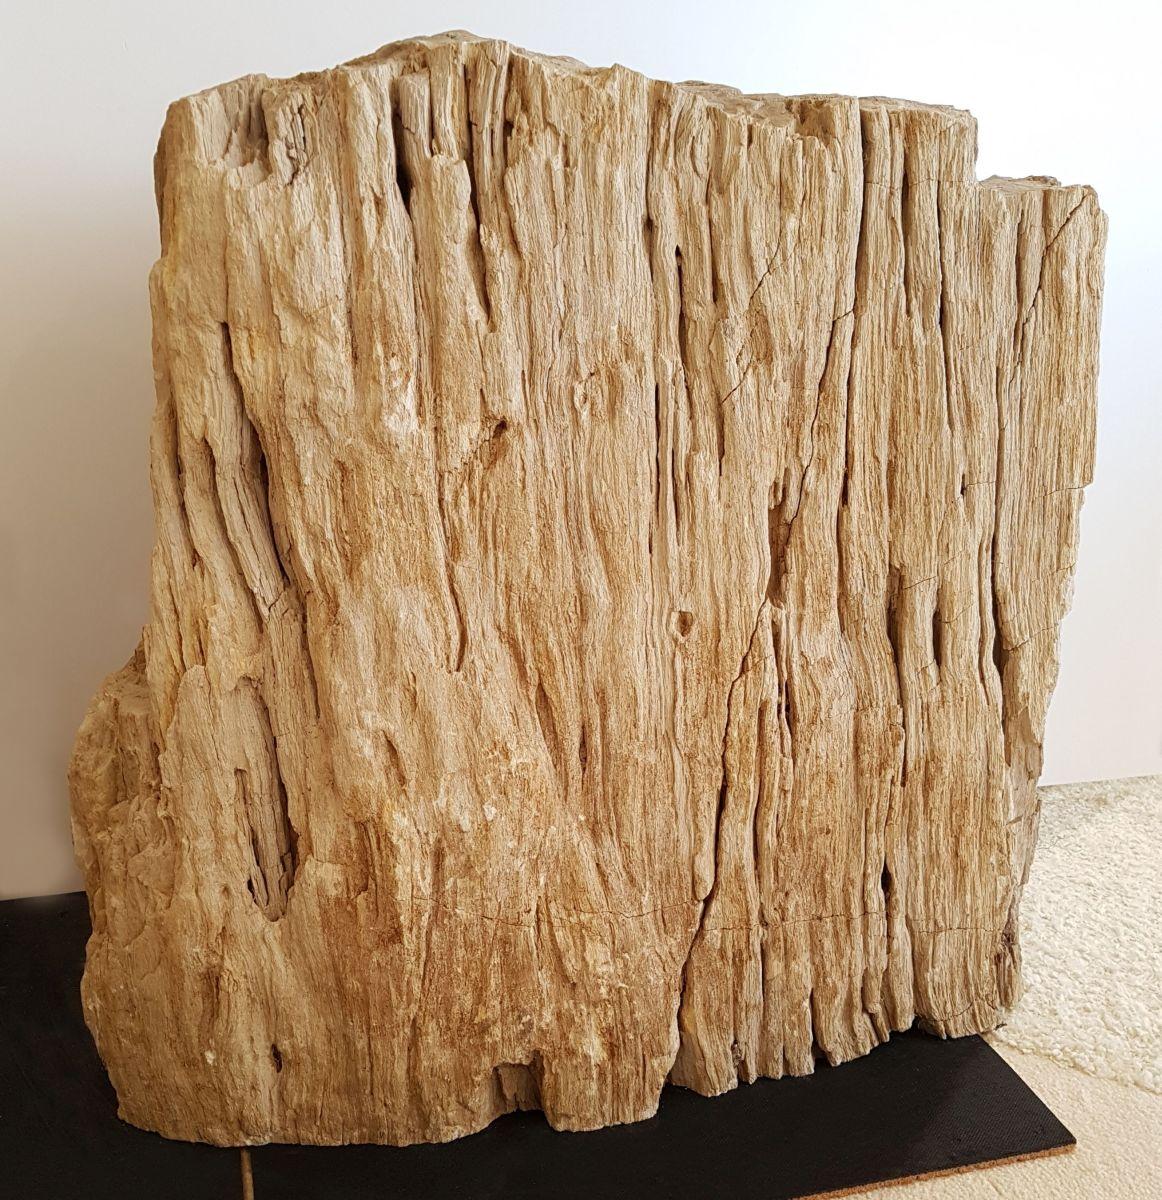 Grafsteen versteend hout 30080